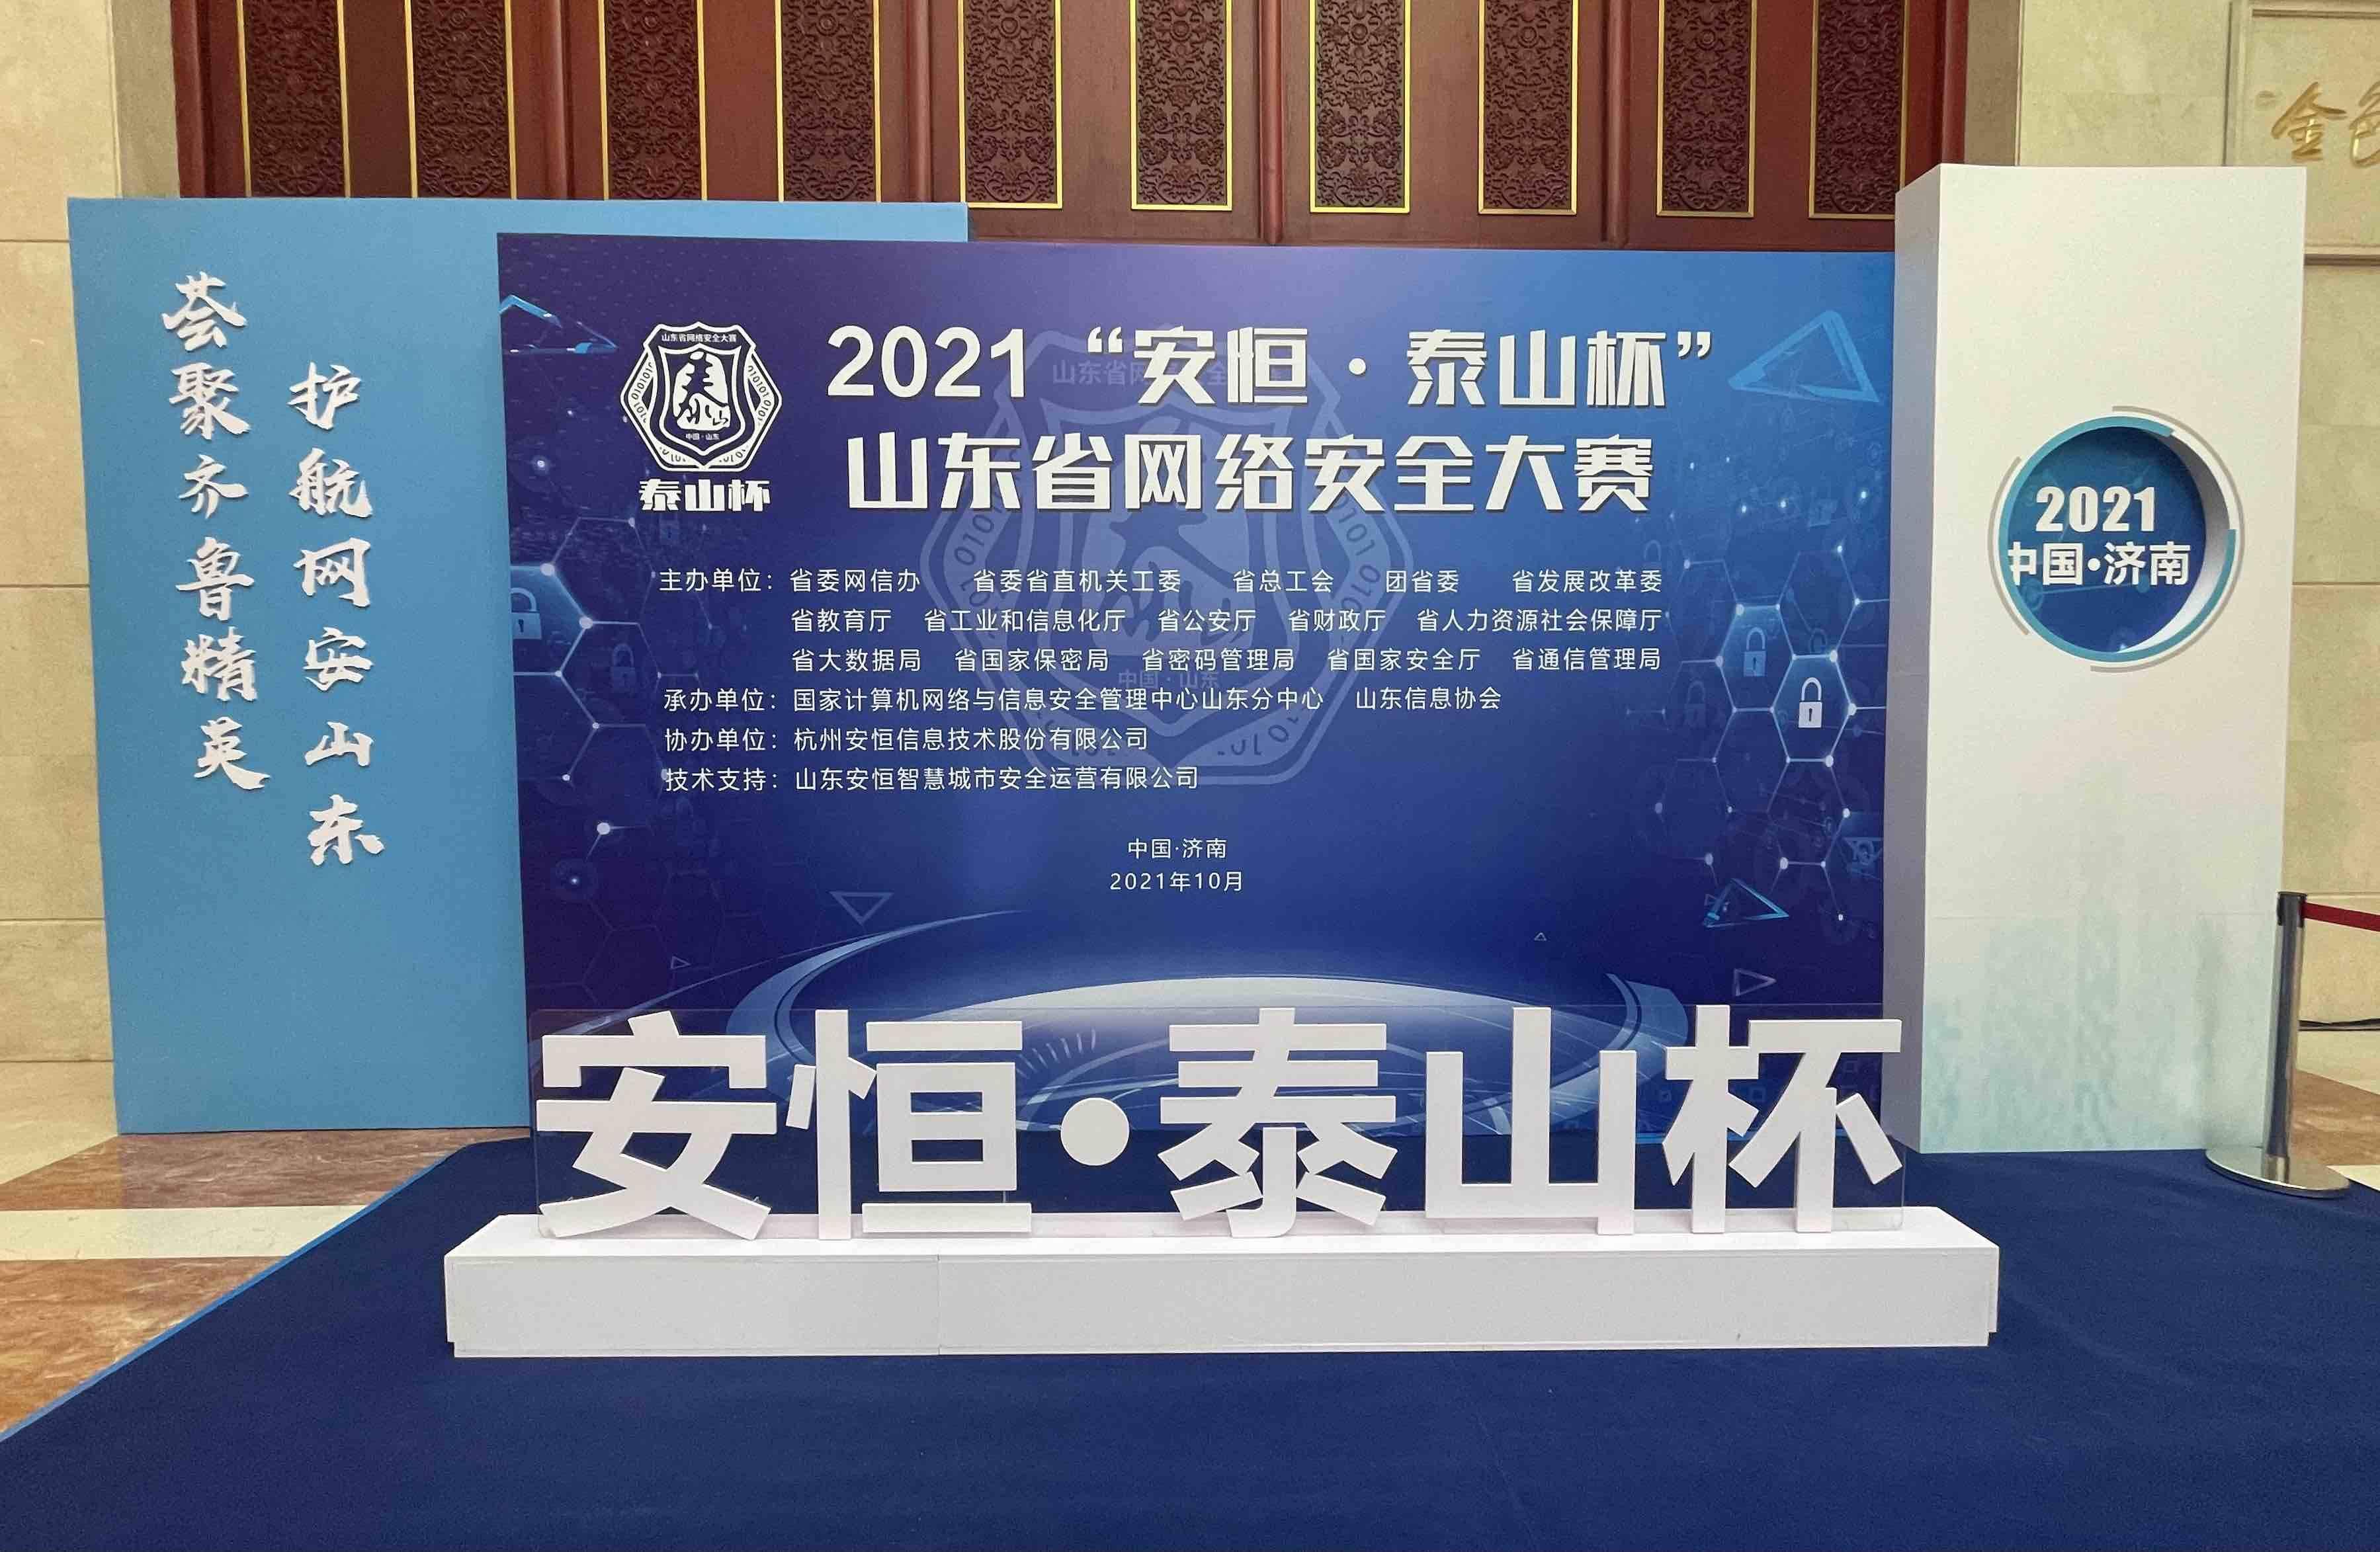 243名选手齐聚泉城,角逐山东网络安全领域最高荣誉